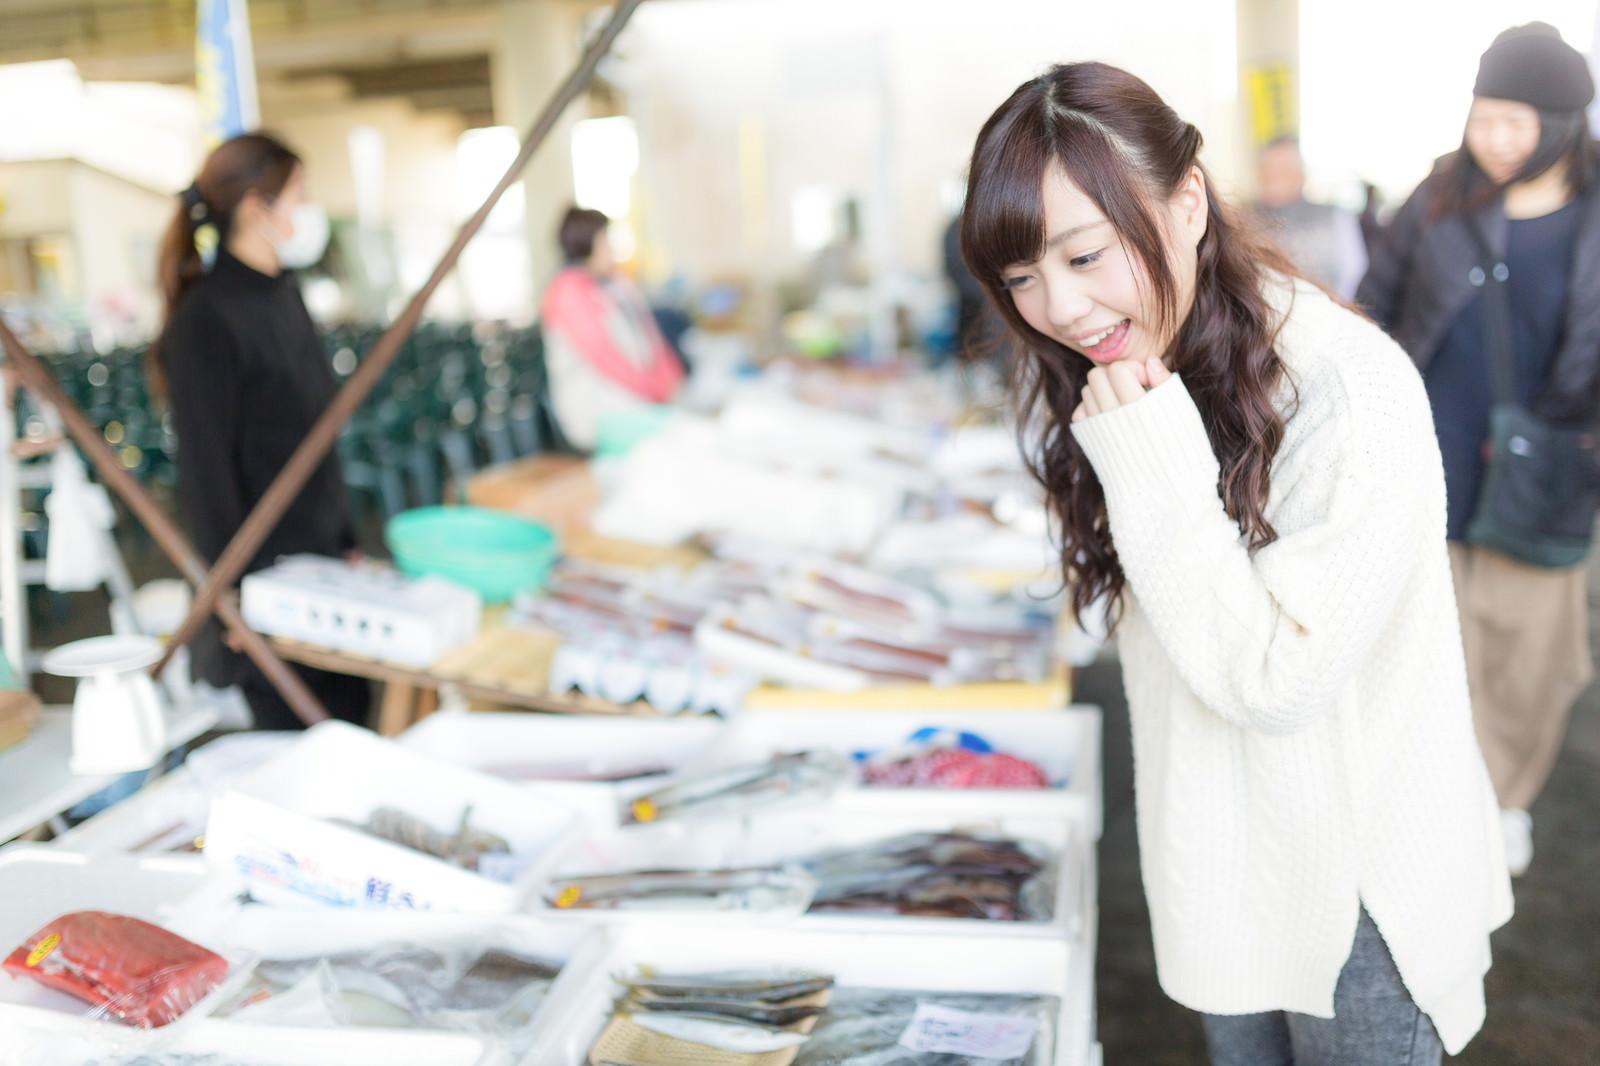 「朝市の新鮮な魚を見て回る女性」の写真[モデル:河村友歌]